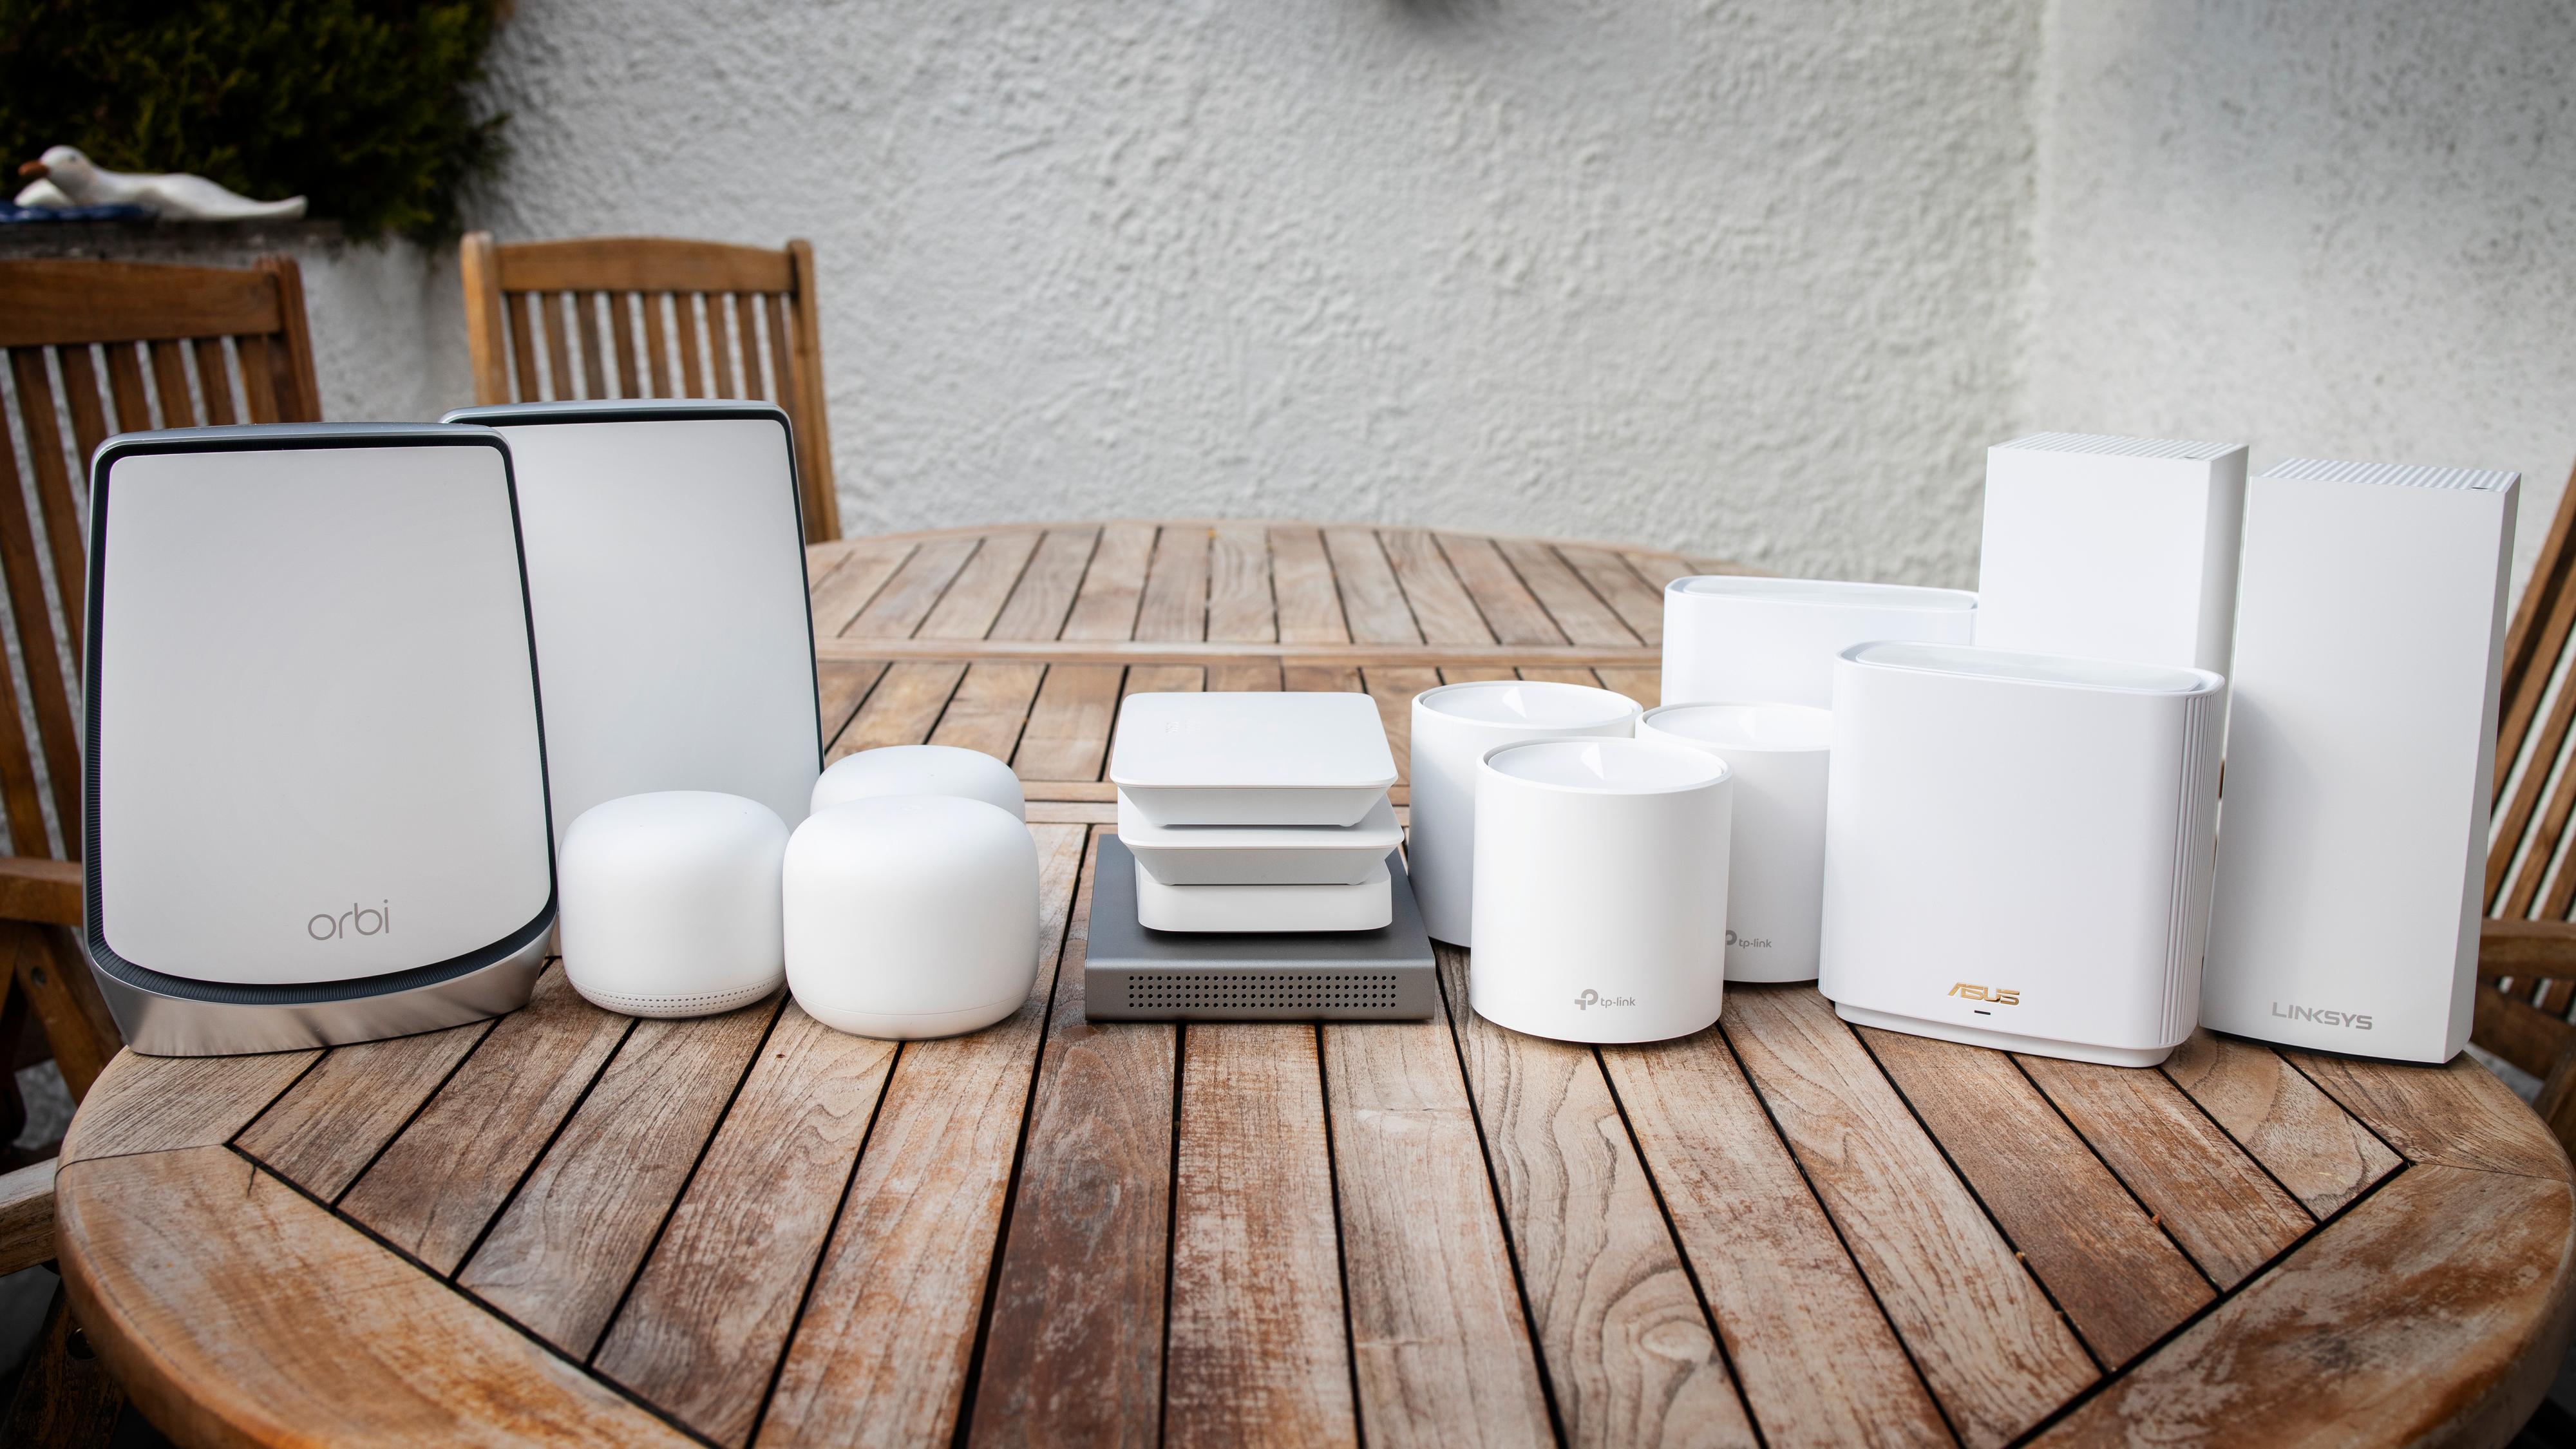 Rå wi-fi overalt: Vi har testet det siste innen mesh-nettverk